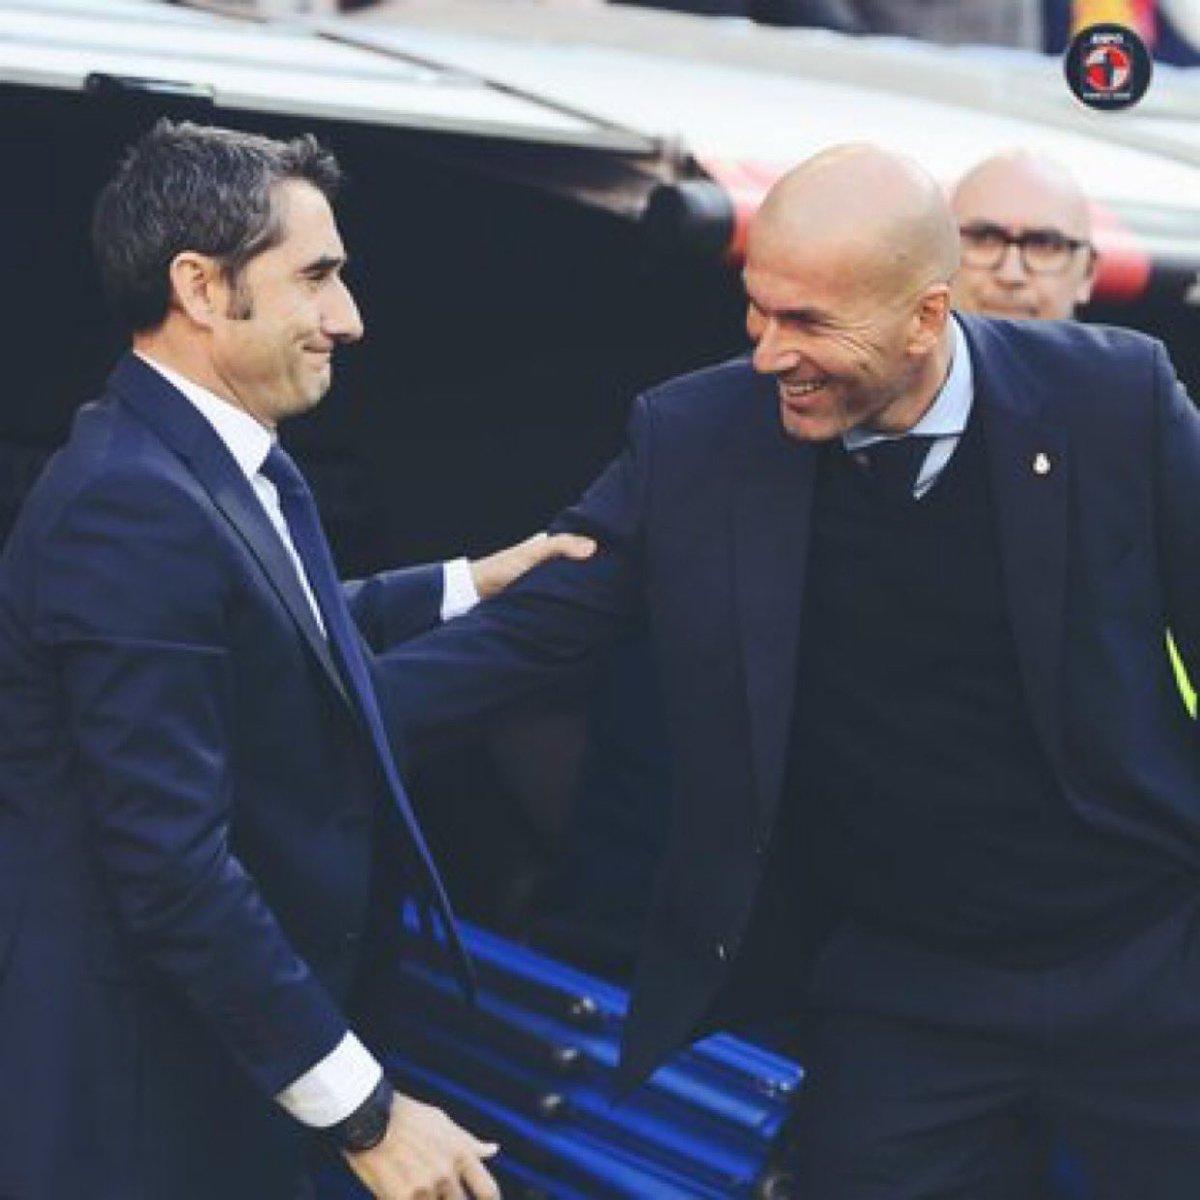 RT @Hilder_Castillo: ENCUESTA   Quien de los 2 no llega a Diciembre   🔁  Ernesto Valverde  ❤️ Zinedine Zidane https://t.co/oGM2KCdrTb